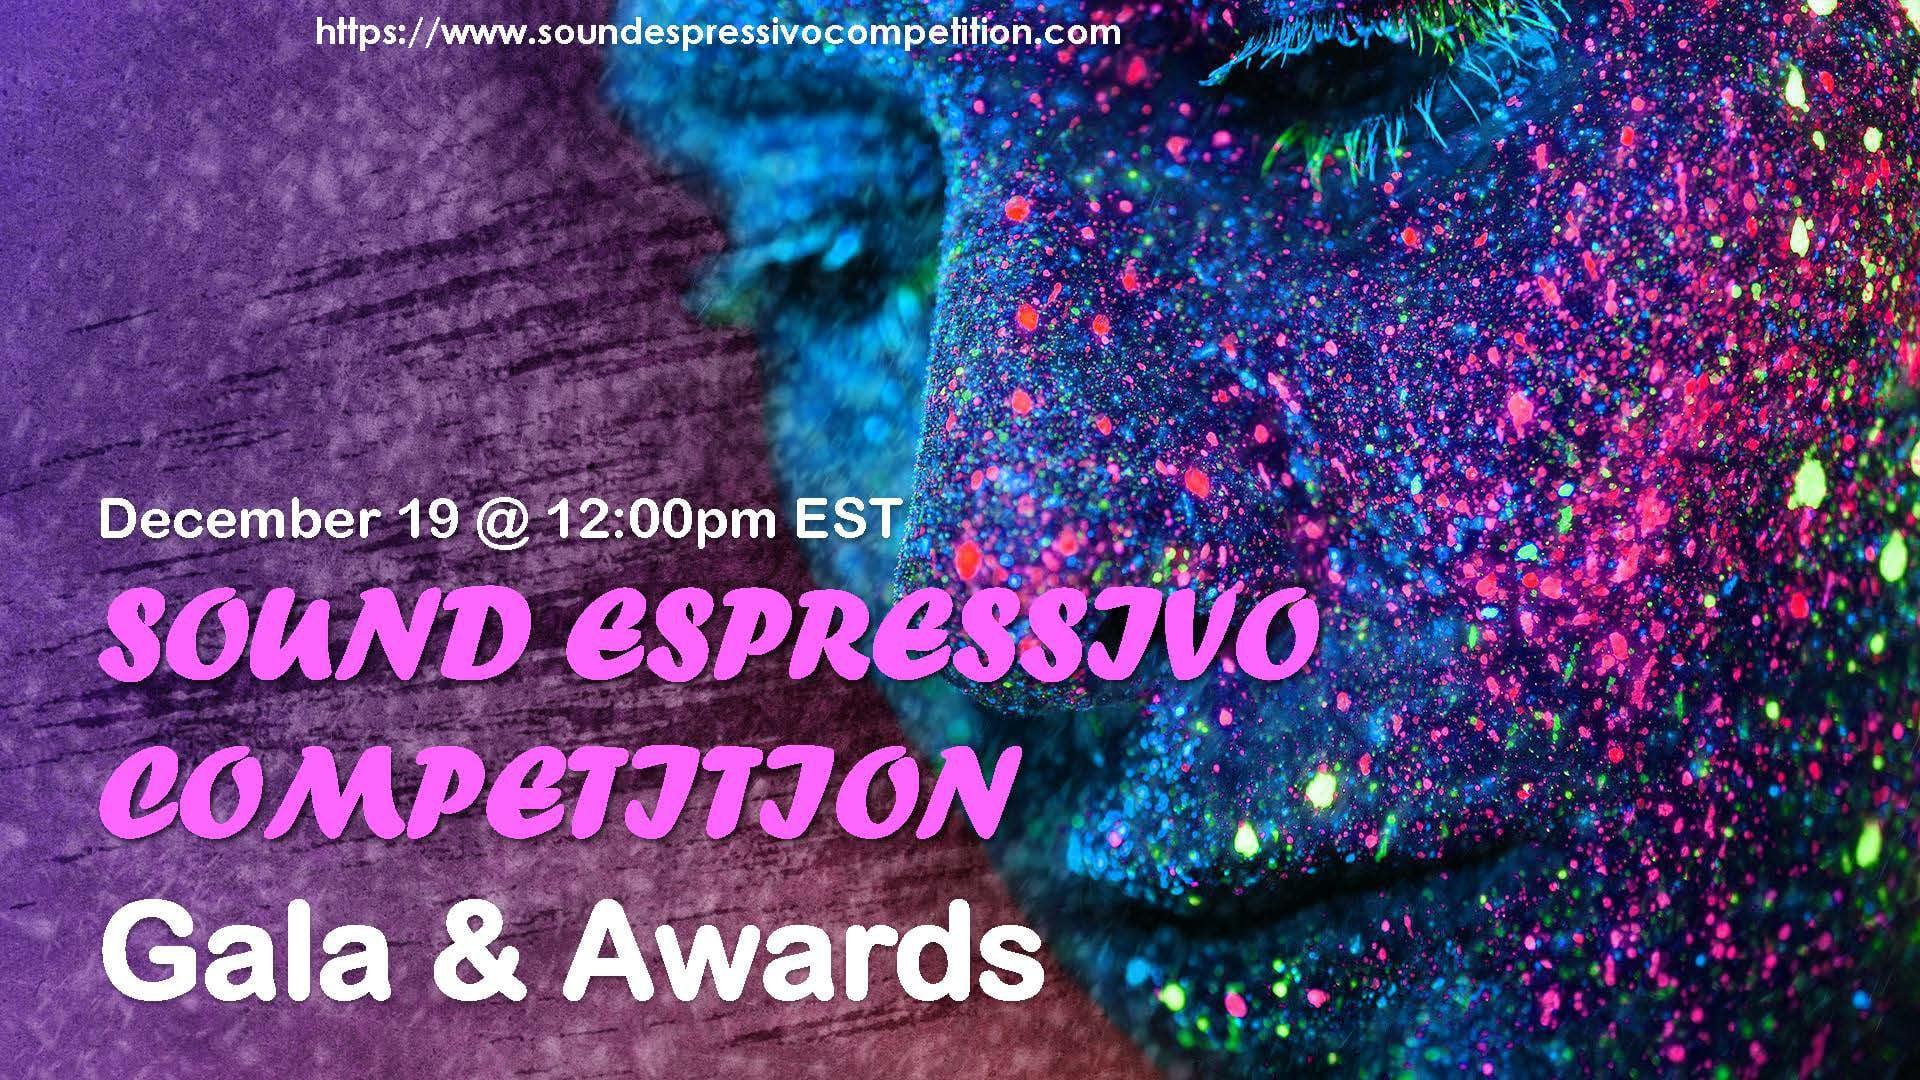 Sound Espressivo Competition